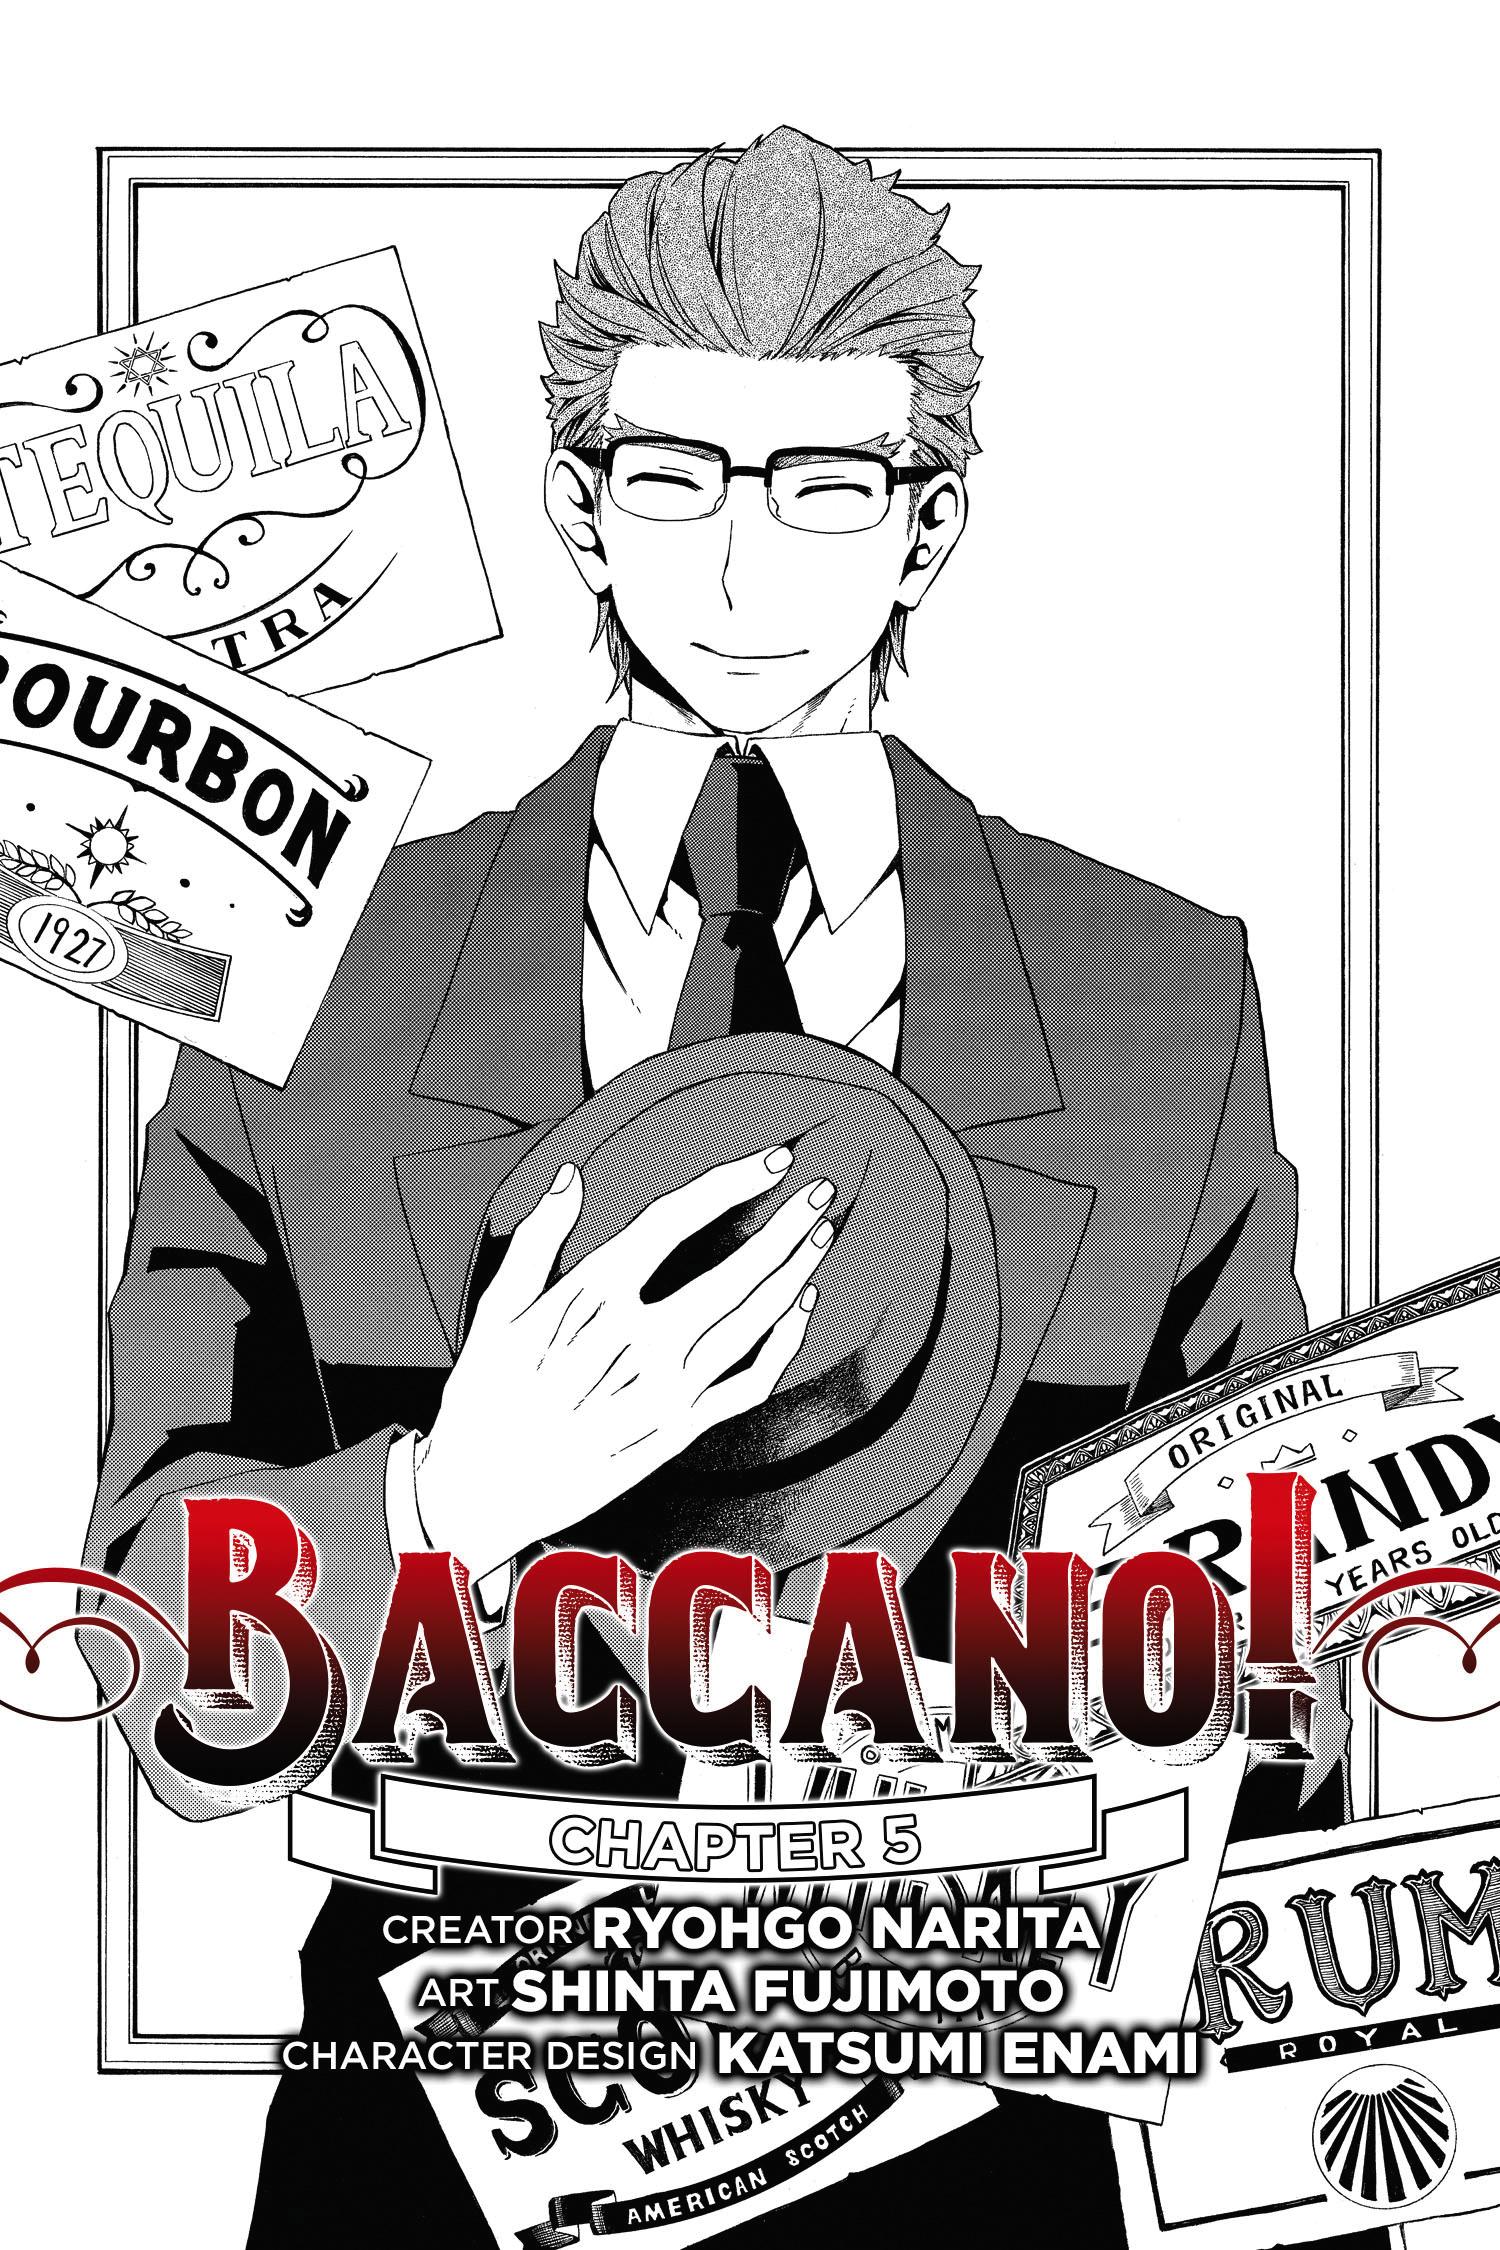 Baccano!, Chapter 5 (manga).